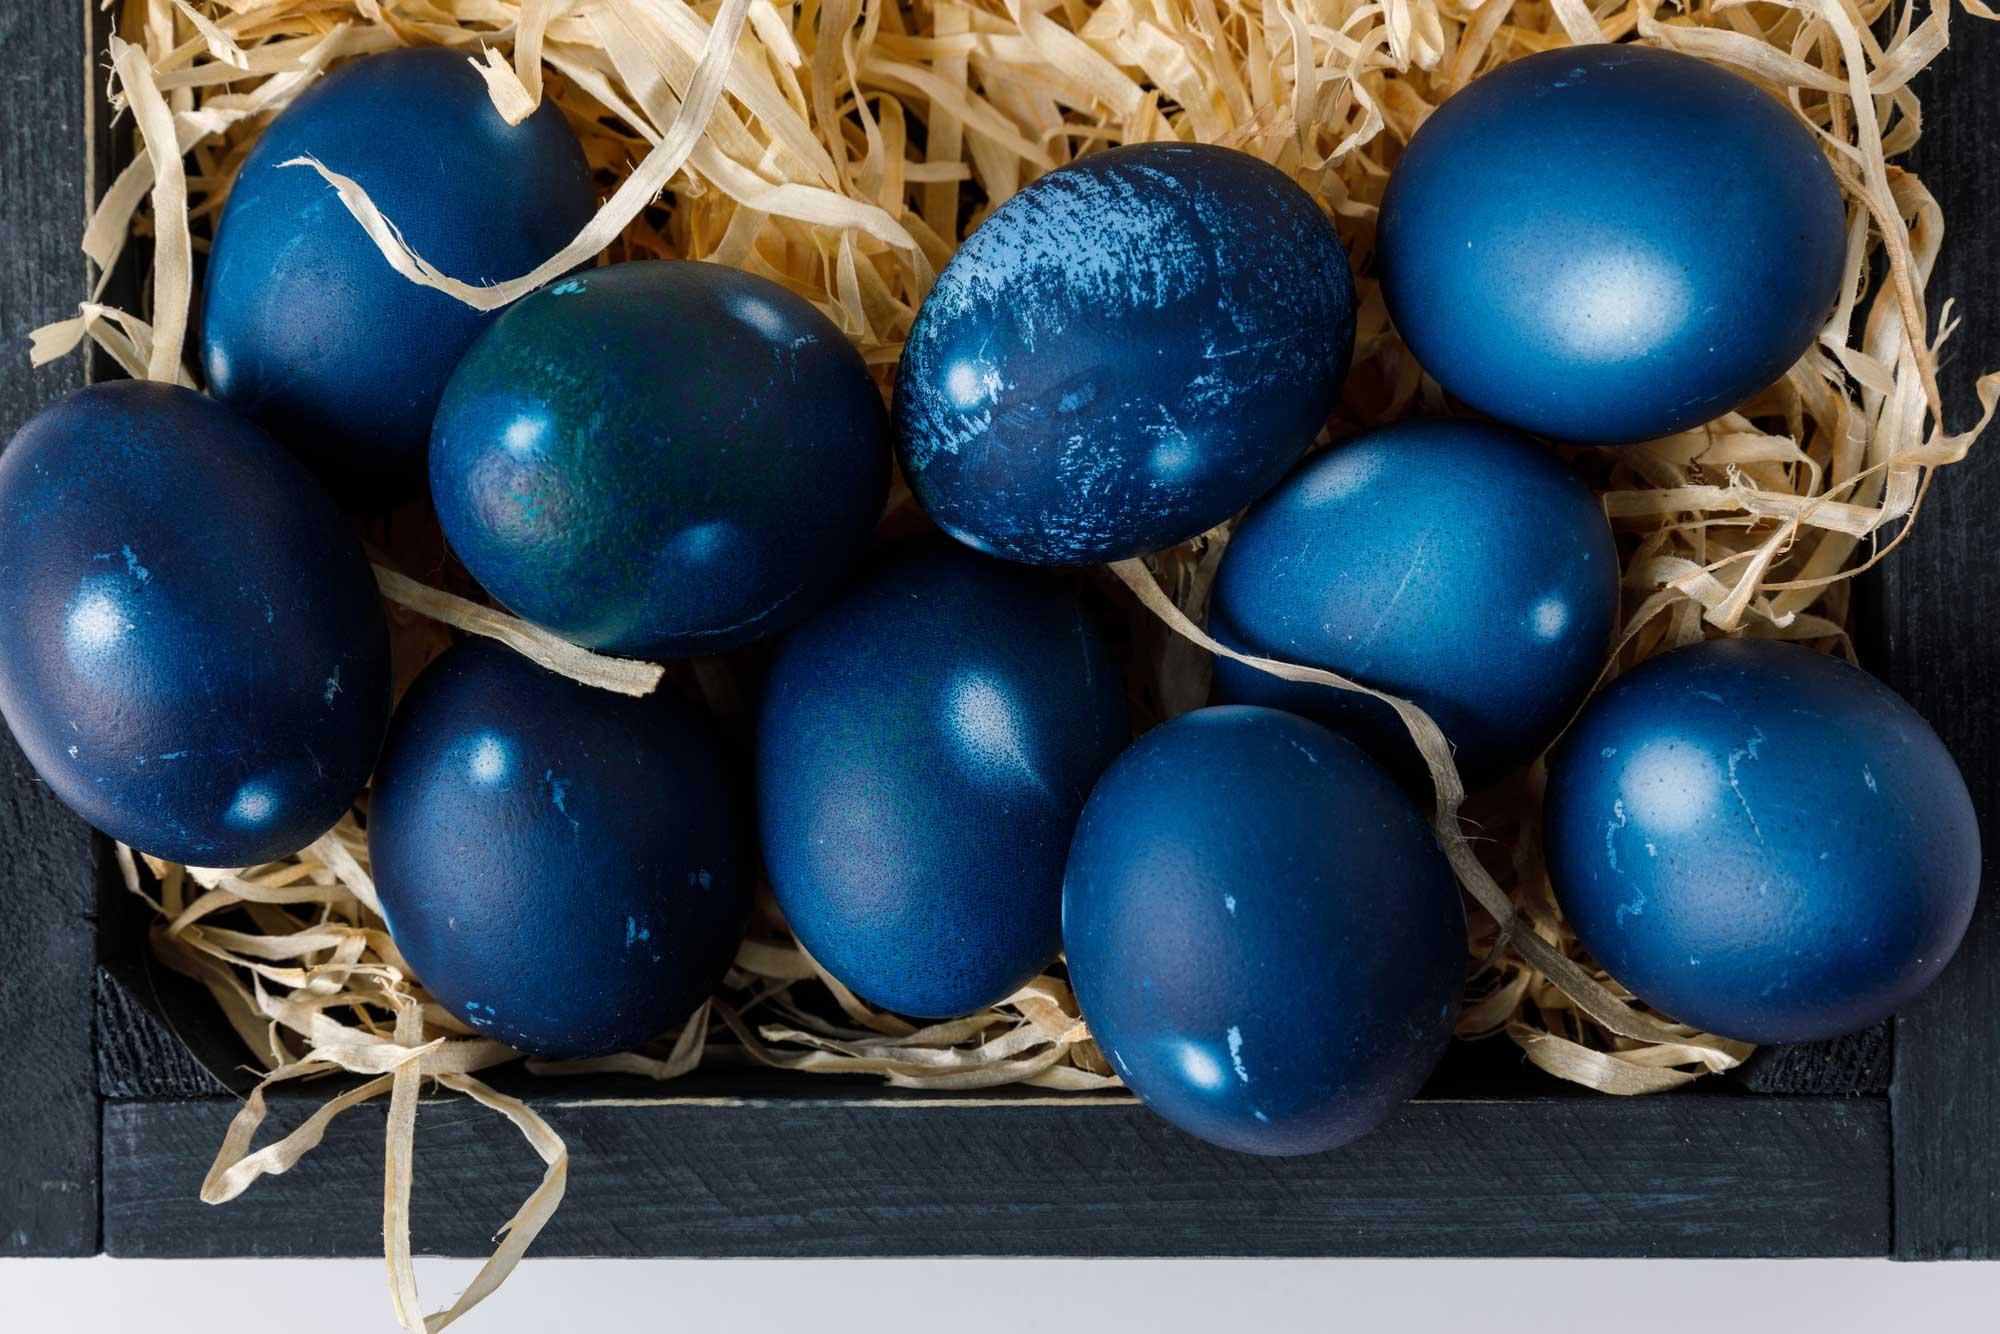 Świąt Wielkanocnych